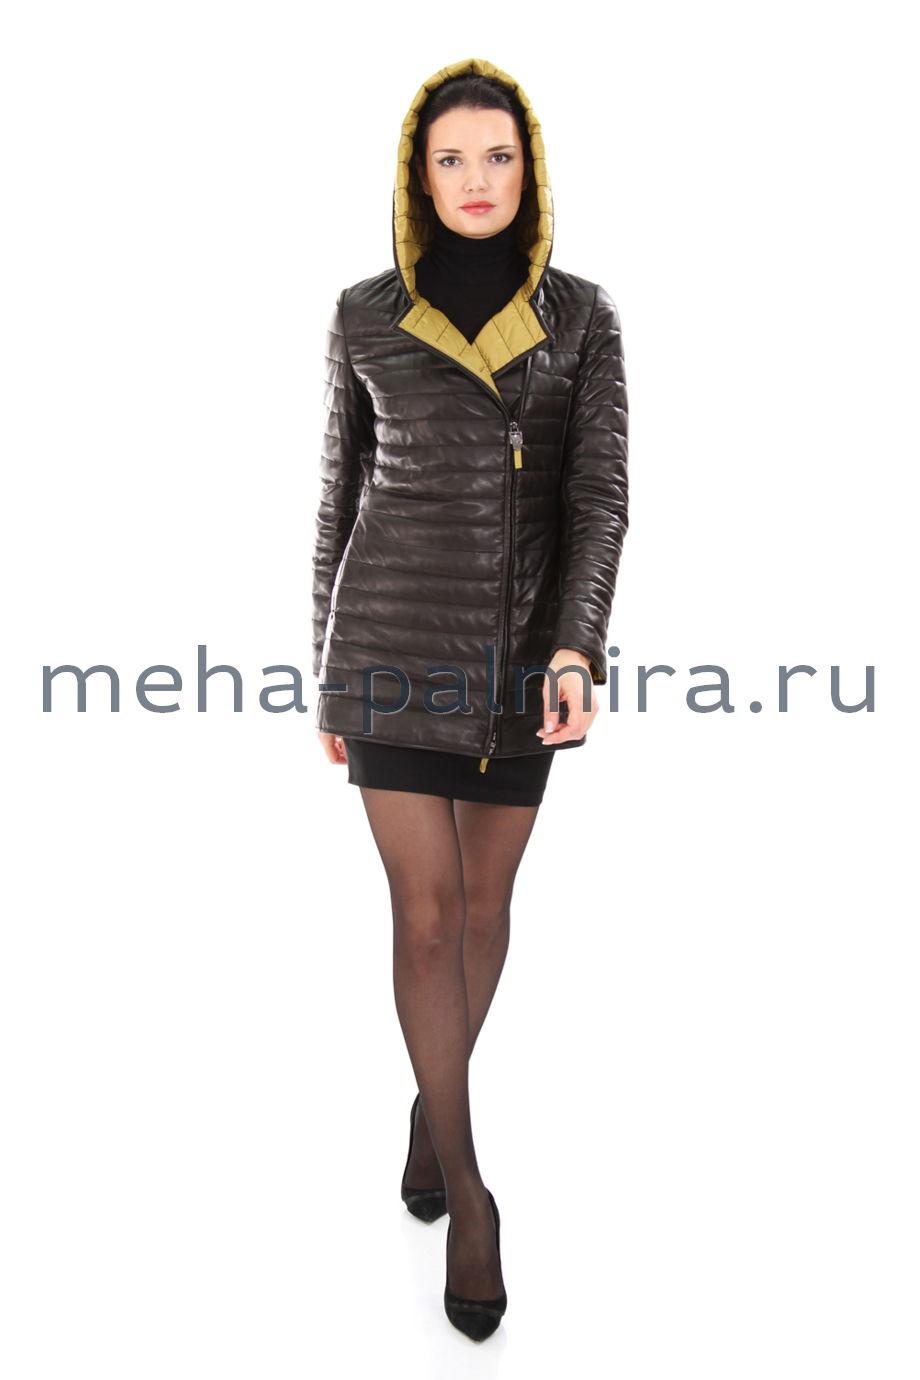 Черная кожаная куртка на молнии с капюшоном